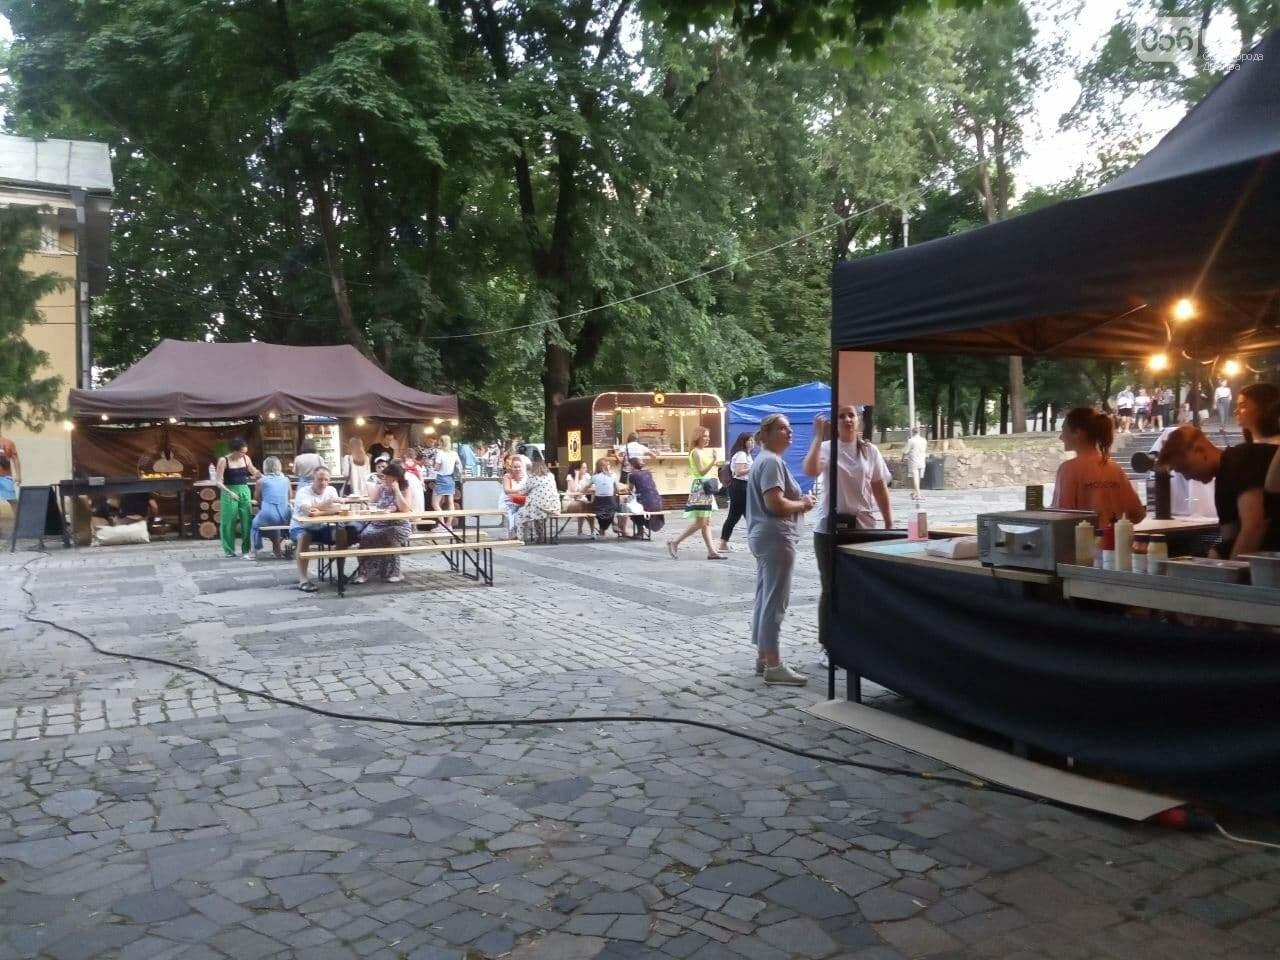 В Днепре по всей территории парка Шевченко звучит музыка нон-стоп, - ФОТО, ВИДЕО, фото-41